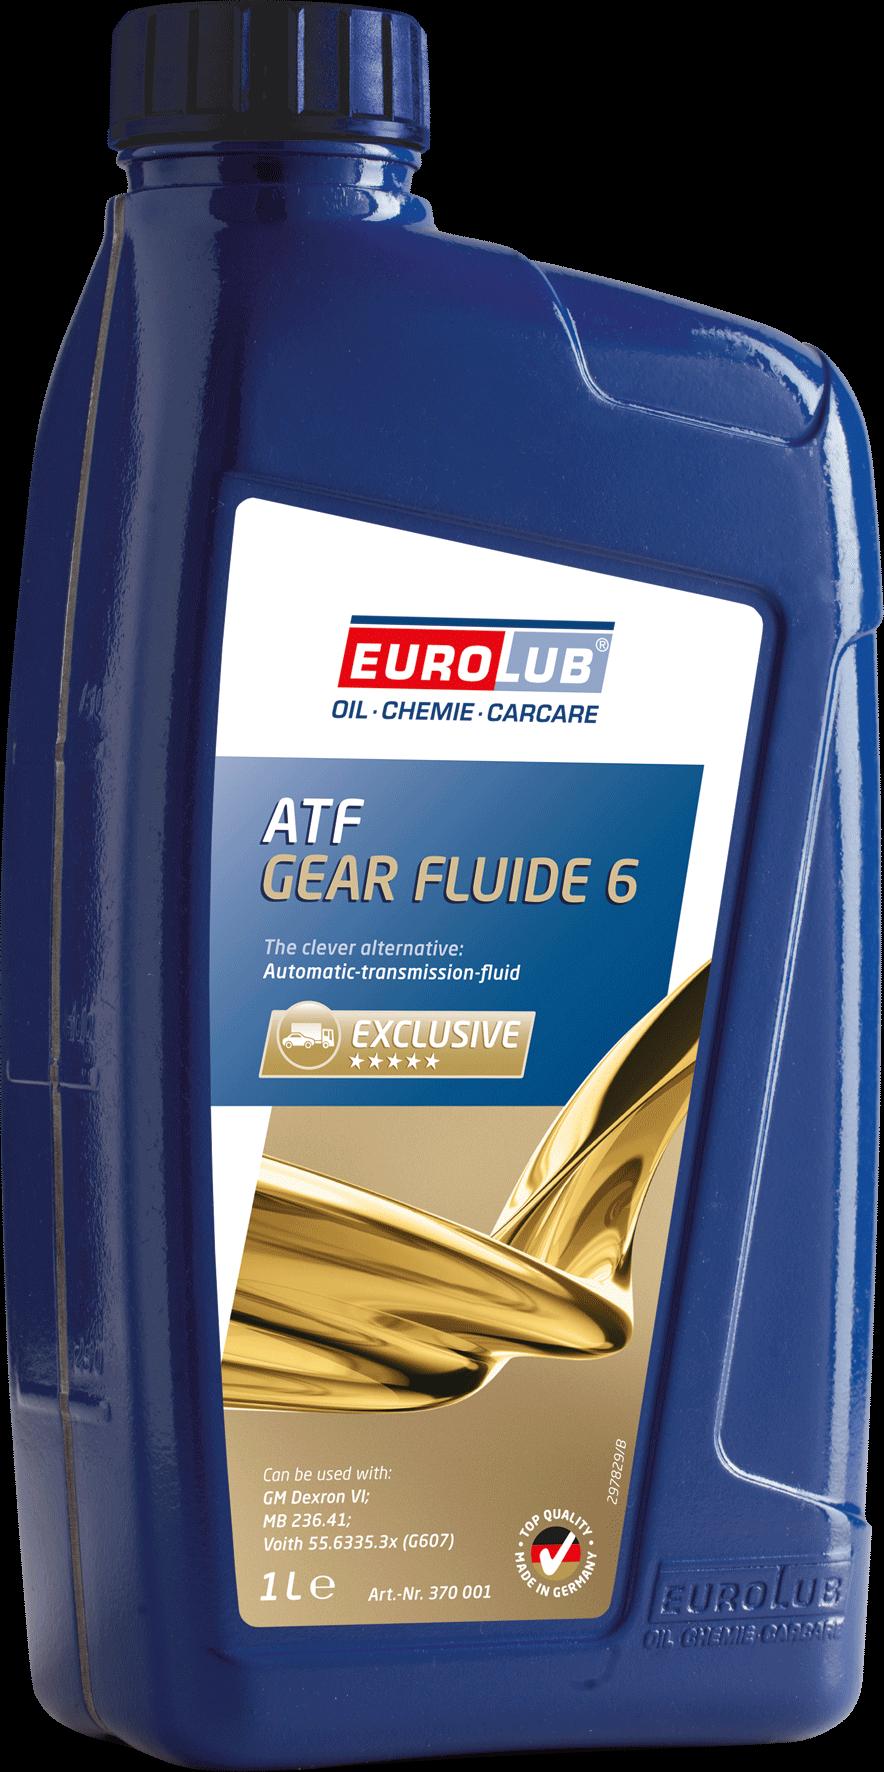 EUROLUB Gear Fluide 6, 1л